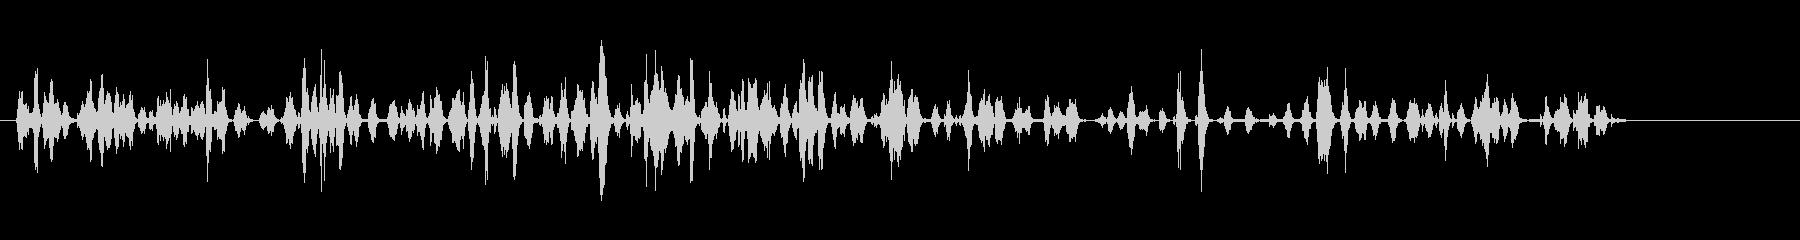 ダックファーム、鳥; DIGIFF...の未再生の波形